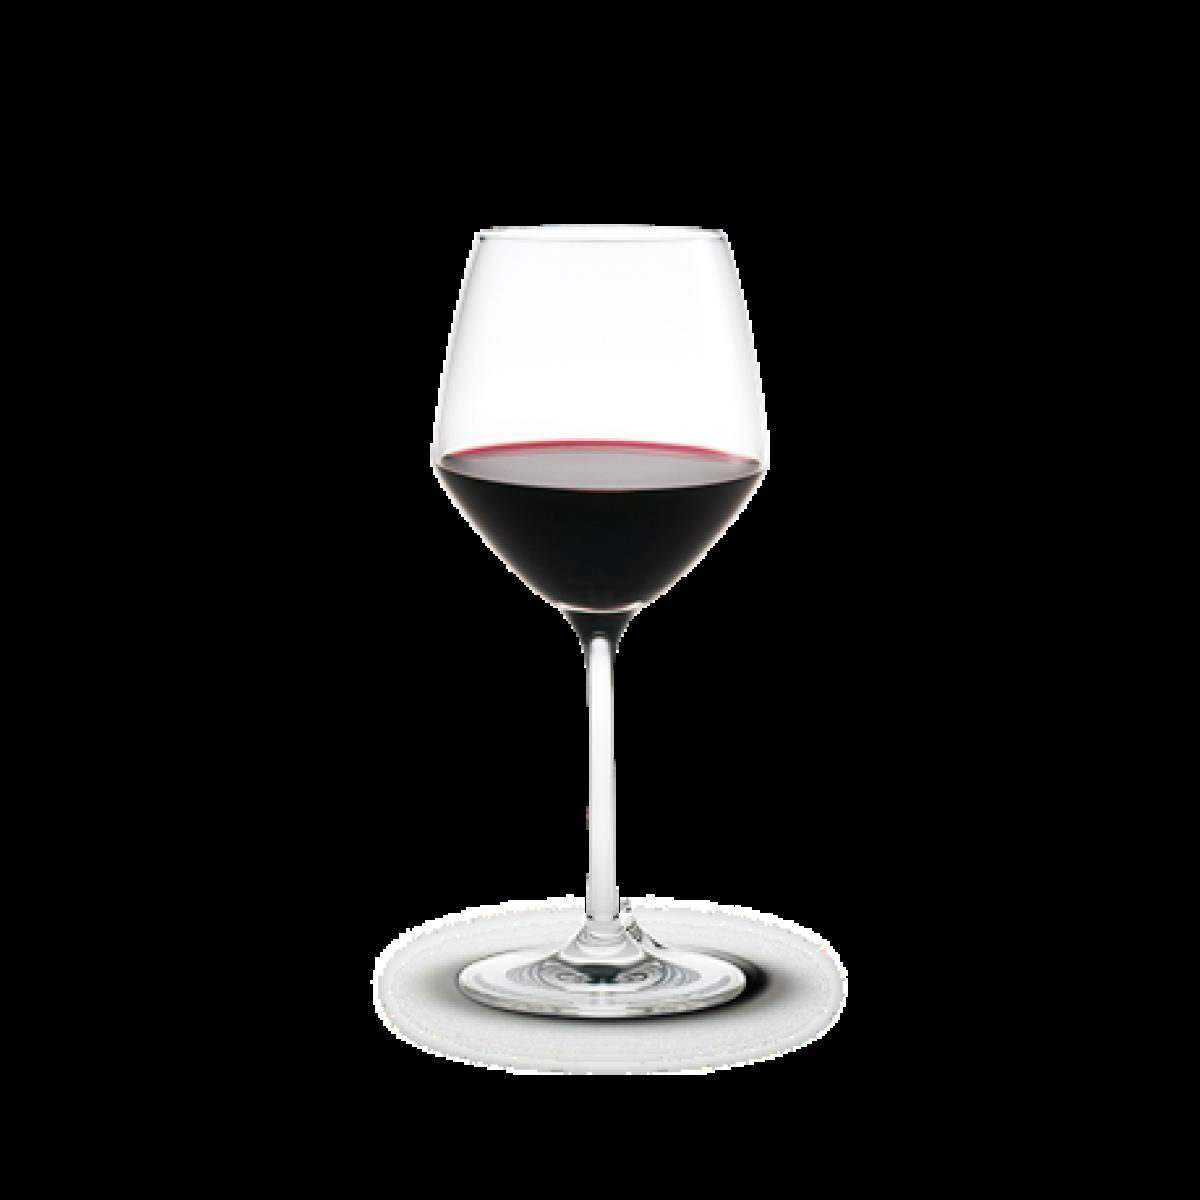 HOLMEGAARD Perfection rødvinsglas 6 stk. 43 cl.